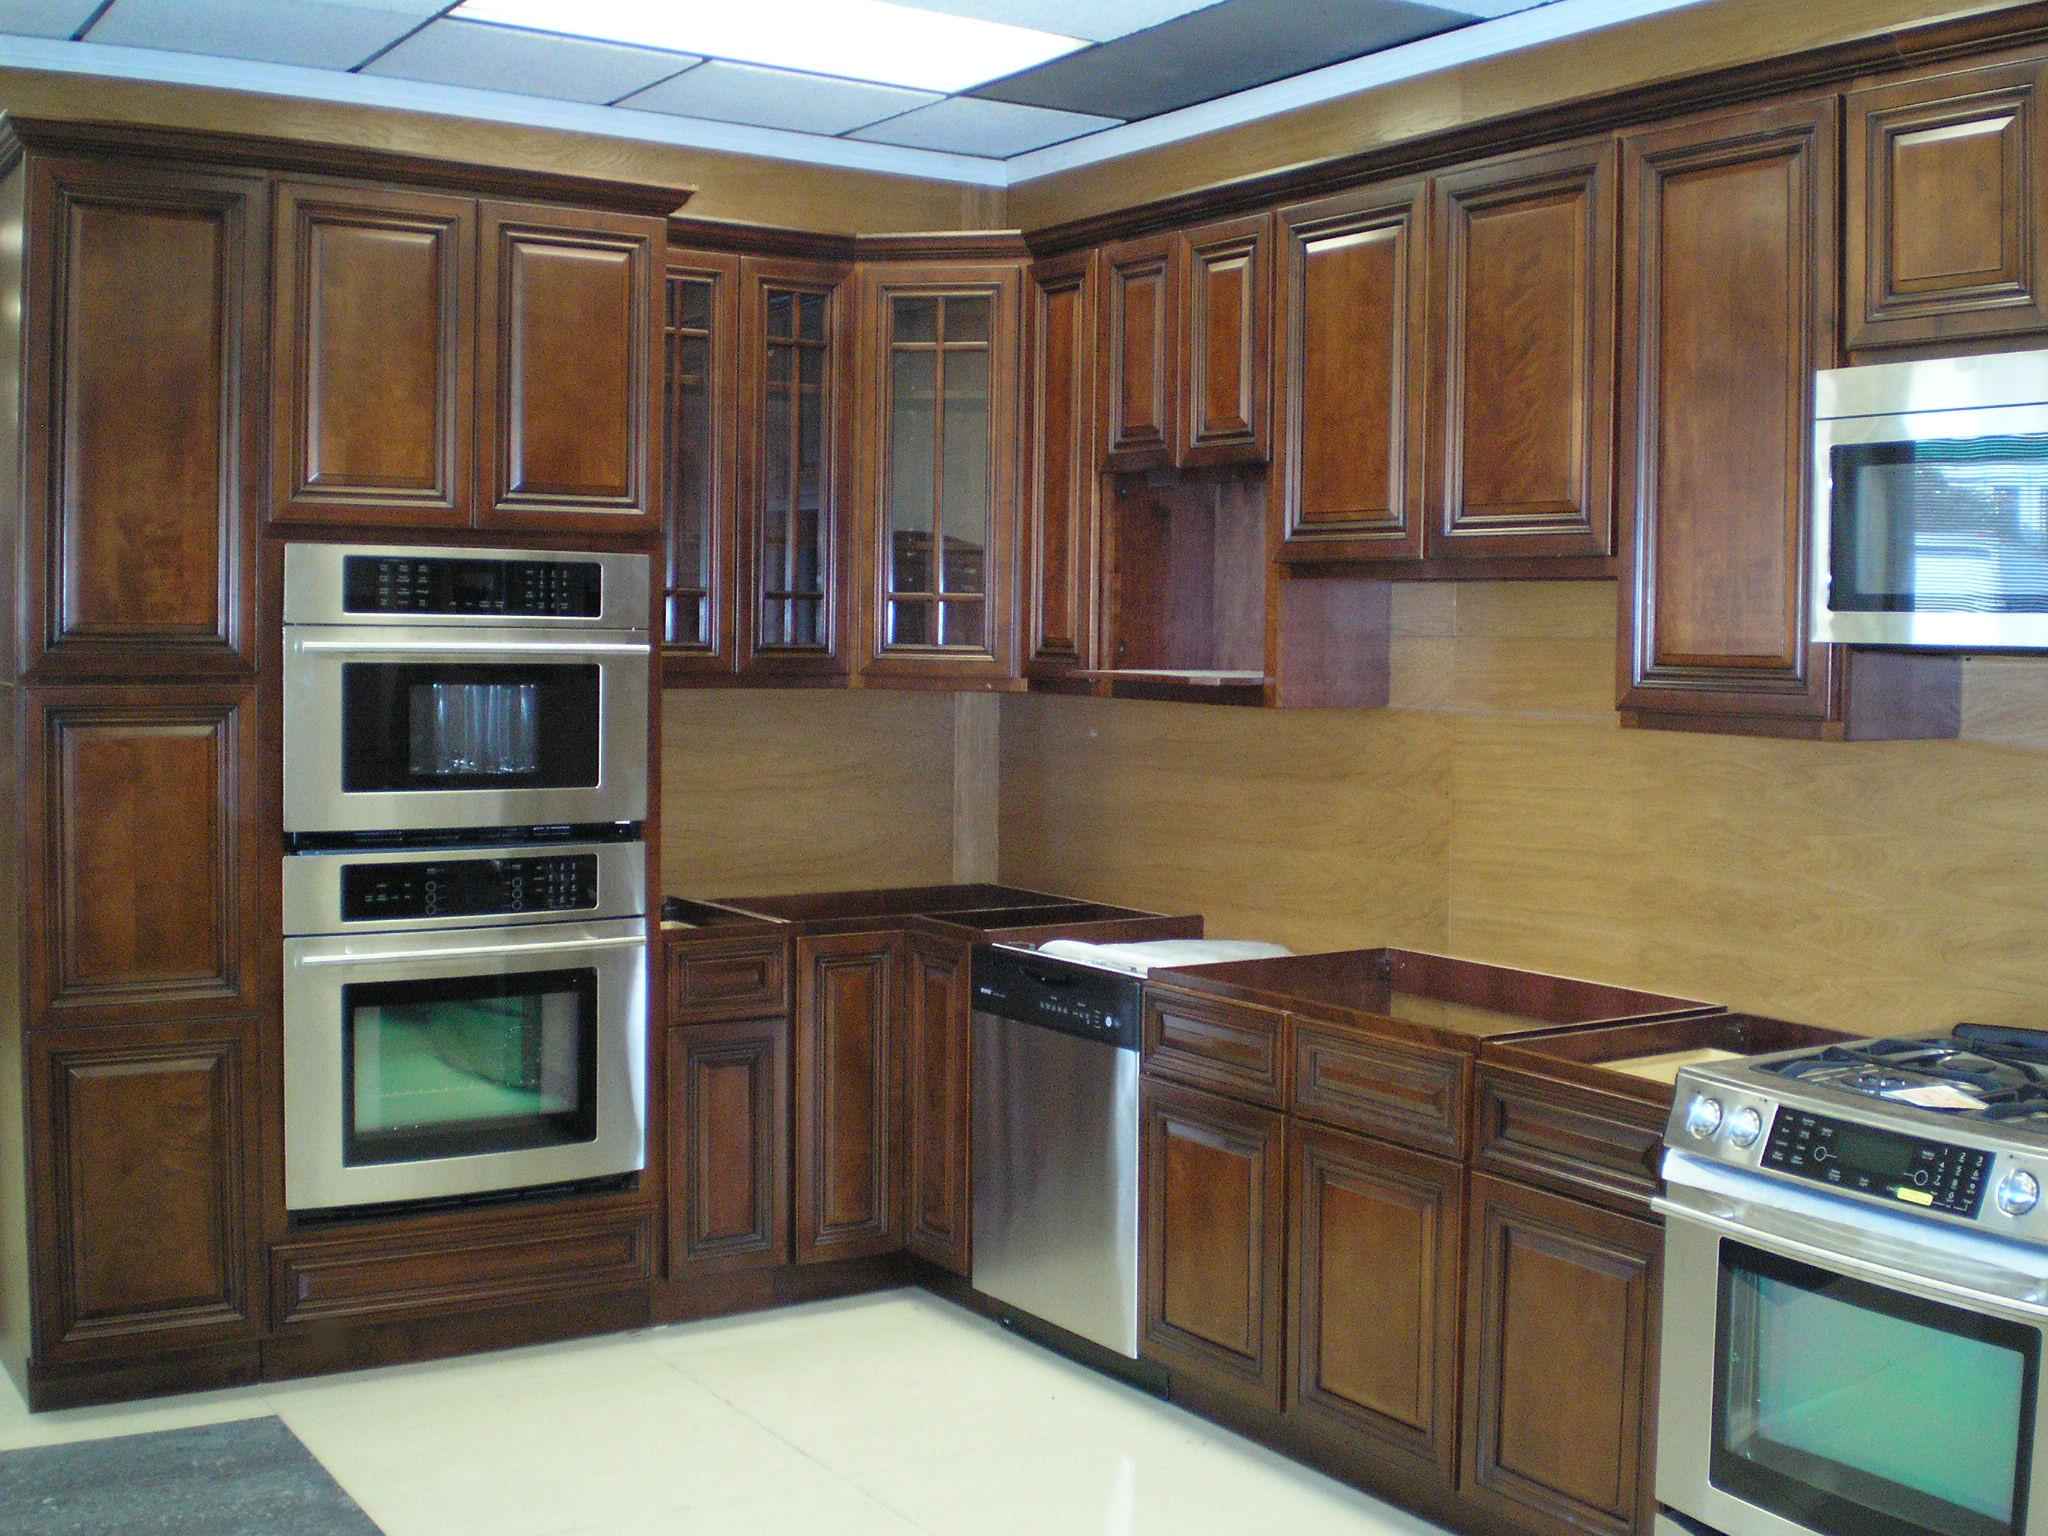 Best Kitchen Gallery: Exotic Walnut Kitchen Cabi S Solid Wood Kitchen Cabi Ry of Wood For Kitchen Cabinets on rachelxblog.com